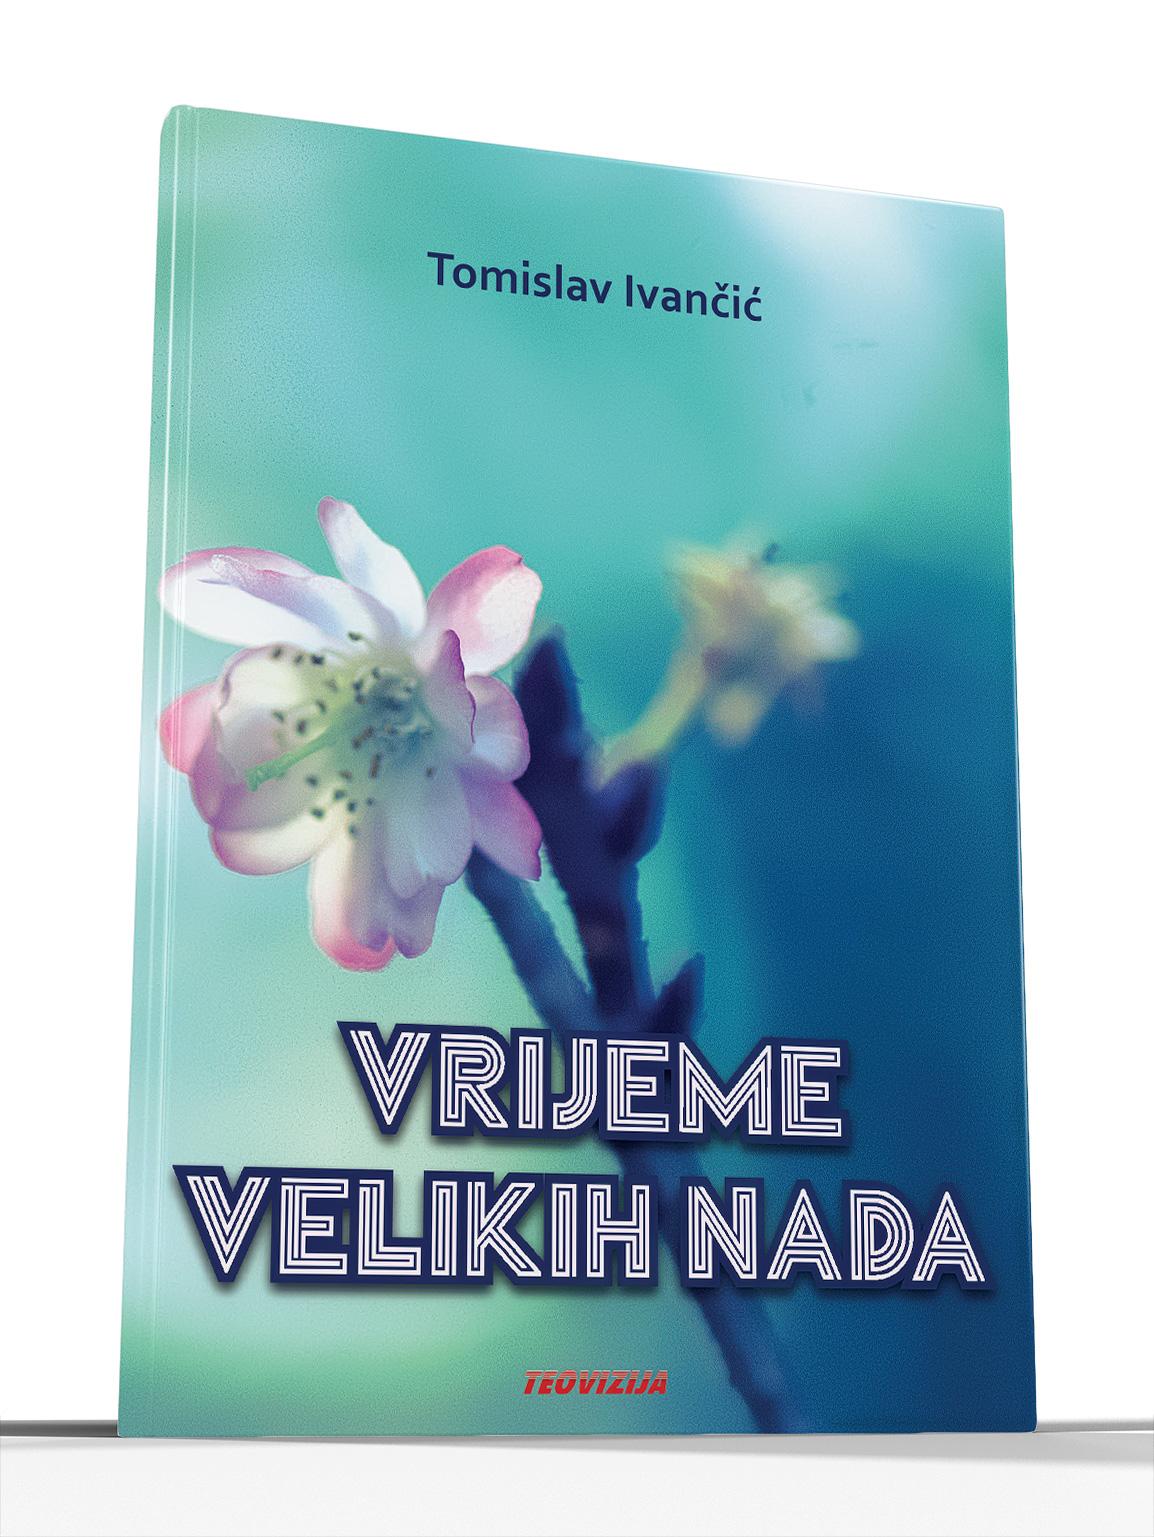 VRIJEME VELIKIH NADA - Tomislav Ivančić